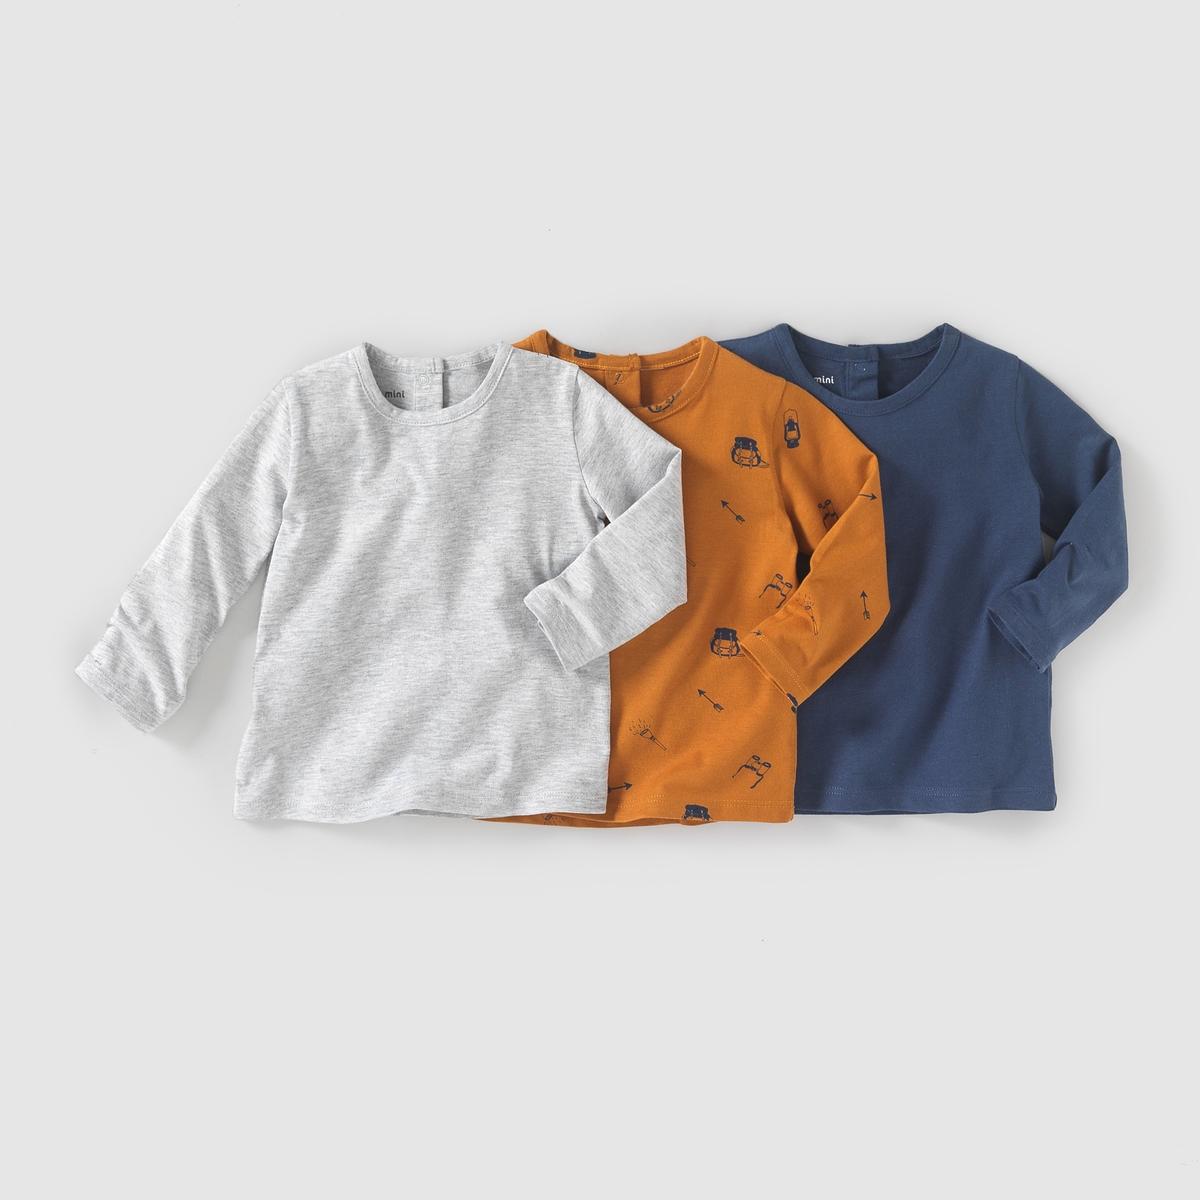 Комплект из 3 футболок с длинными рукавами, 1 мес. - 3 летКомплект из 3 футболок с длинными рукавами из джерси. Круглый вырез. Комплект состоит из 1 однотонной футболки + 1 футболки с рисунком + 1 футболки с оптическим принтом. Застёжка на кнопки сзади. Состав и описаниеМатериал 100% хлопка Марка    R mini УходСтирка и глажка с изнаночной стороныМашинная стирка при 40 °C с вещами схожих цветовМашинная сушка в умеренном режимеГладитьпри умереннойтемпературе<br><br>Цвет: серый меланж + синий + темно-синий